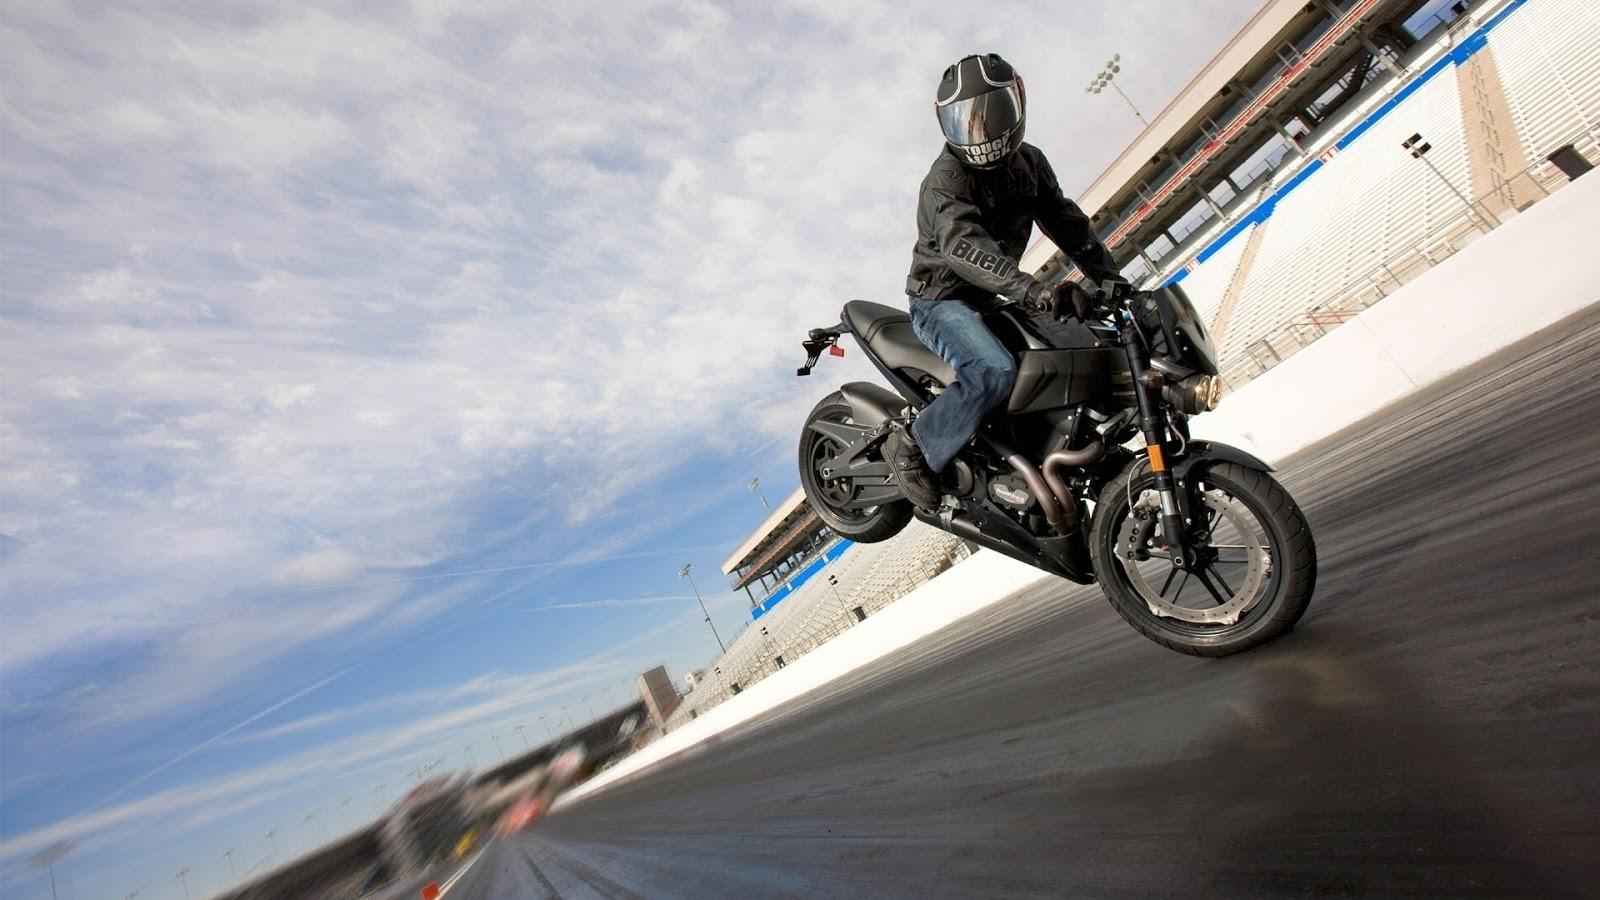 Super Fast Bikes Bike Stunts Wallpapers Hd 1600x900